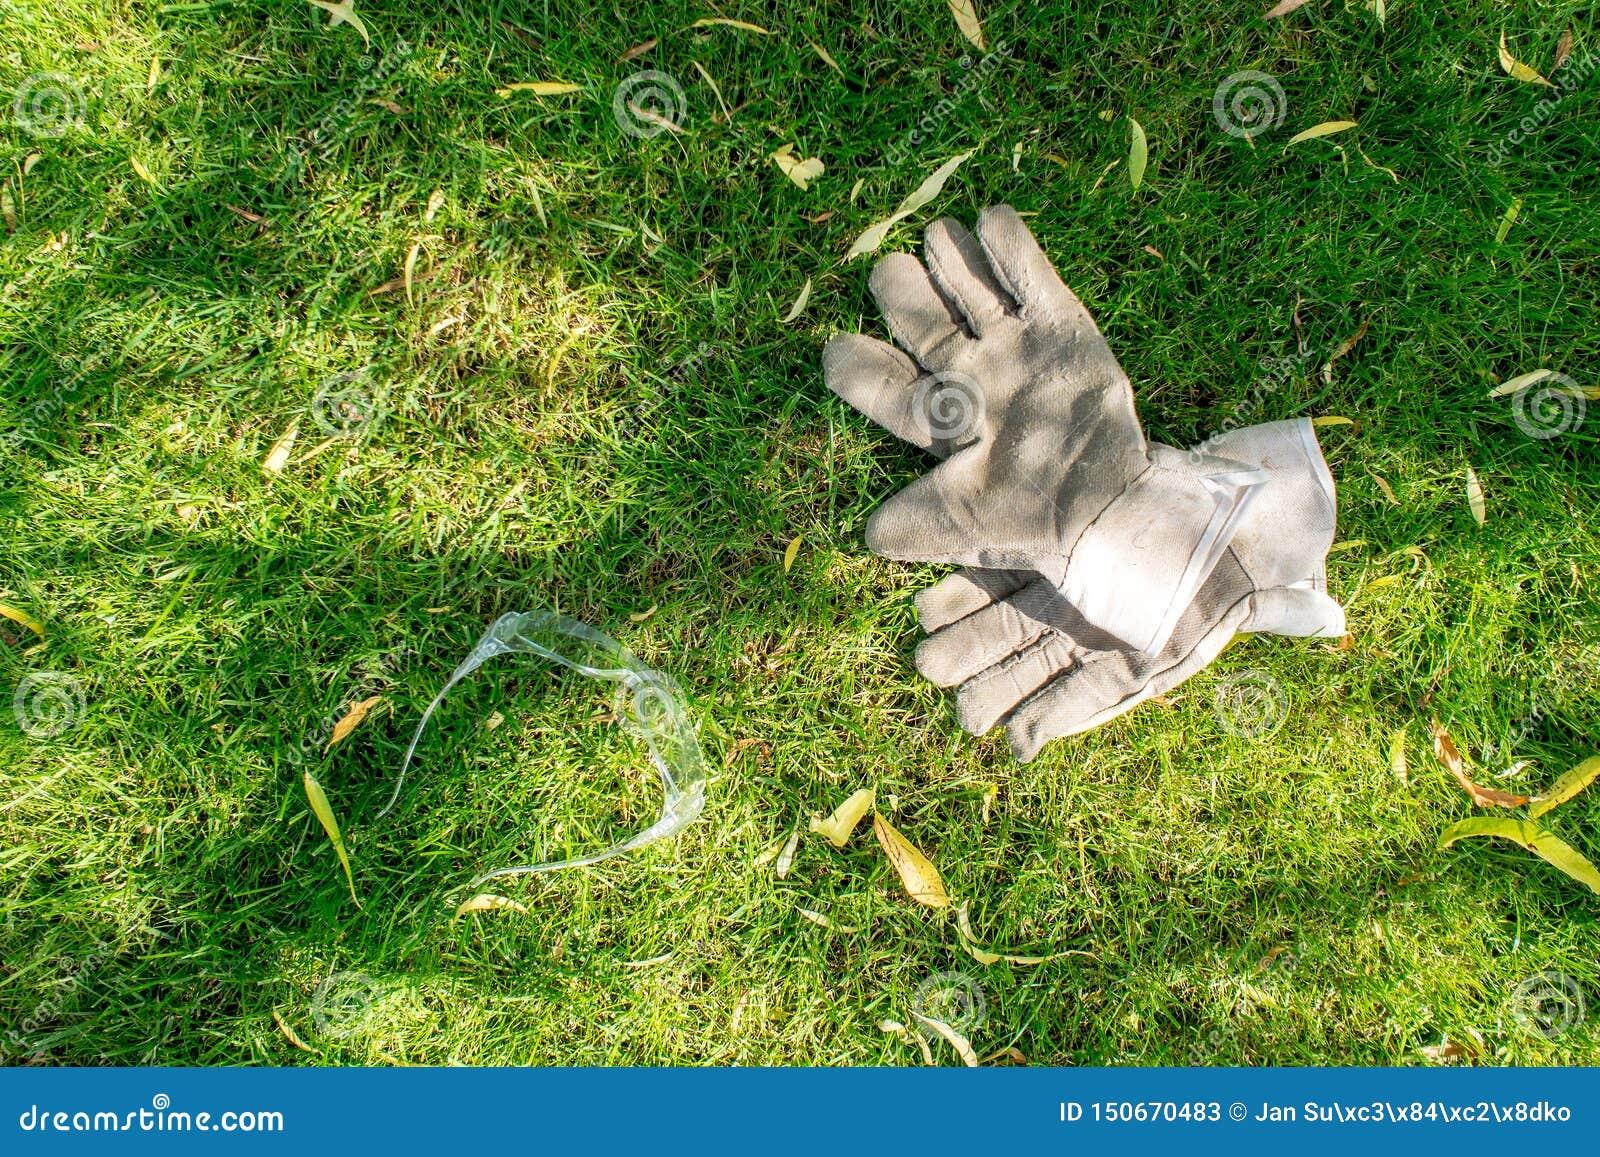 Εργαζόμενος στον κήπο, τα προστατευτικά γάντια και τα glases που βάζουν στην πράσινη χλόη